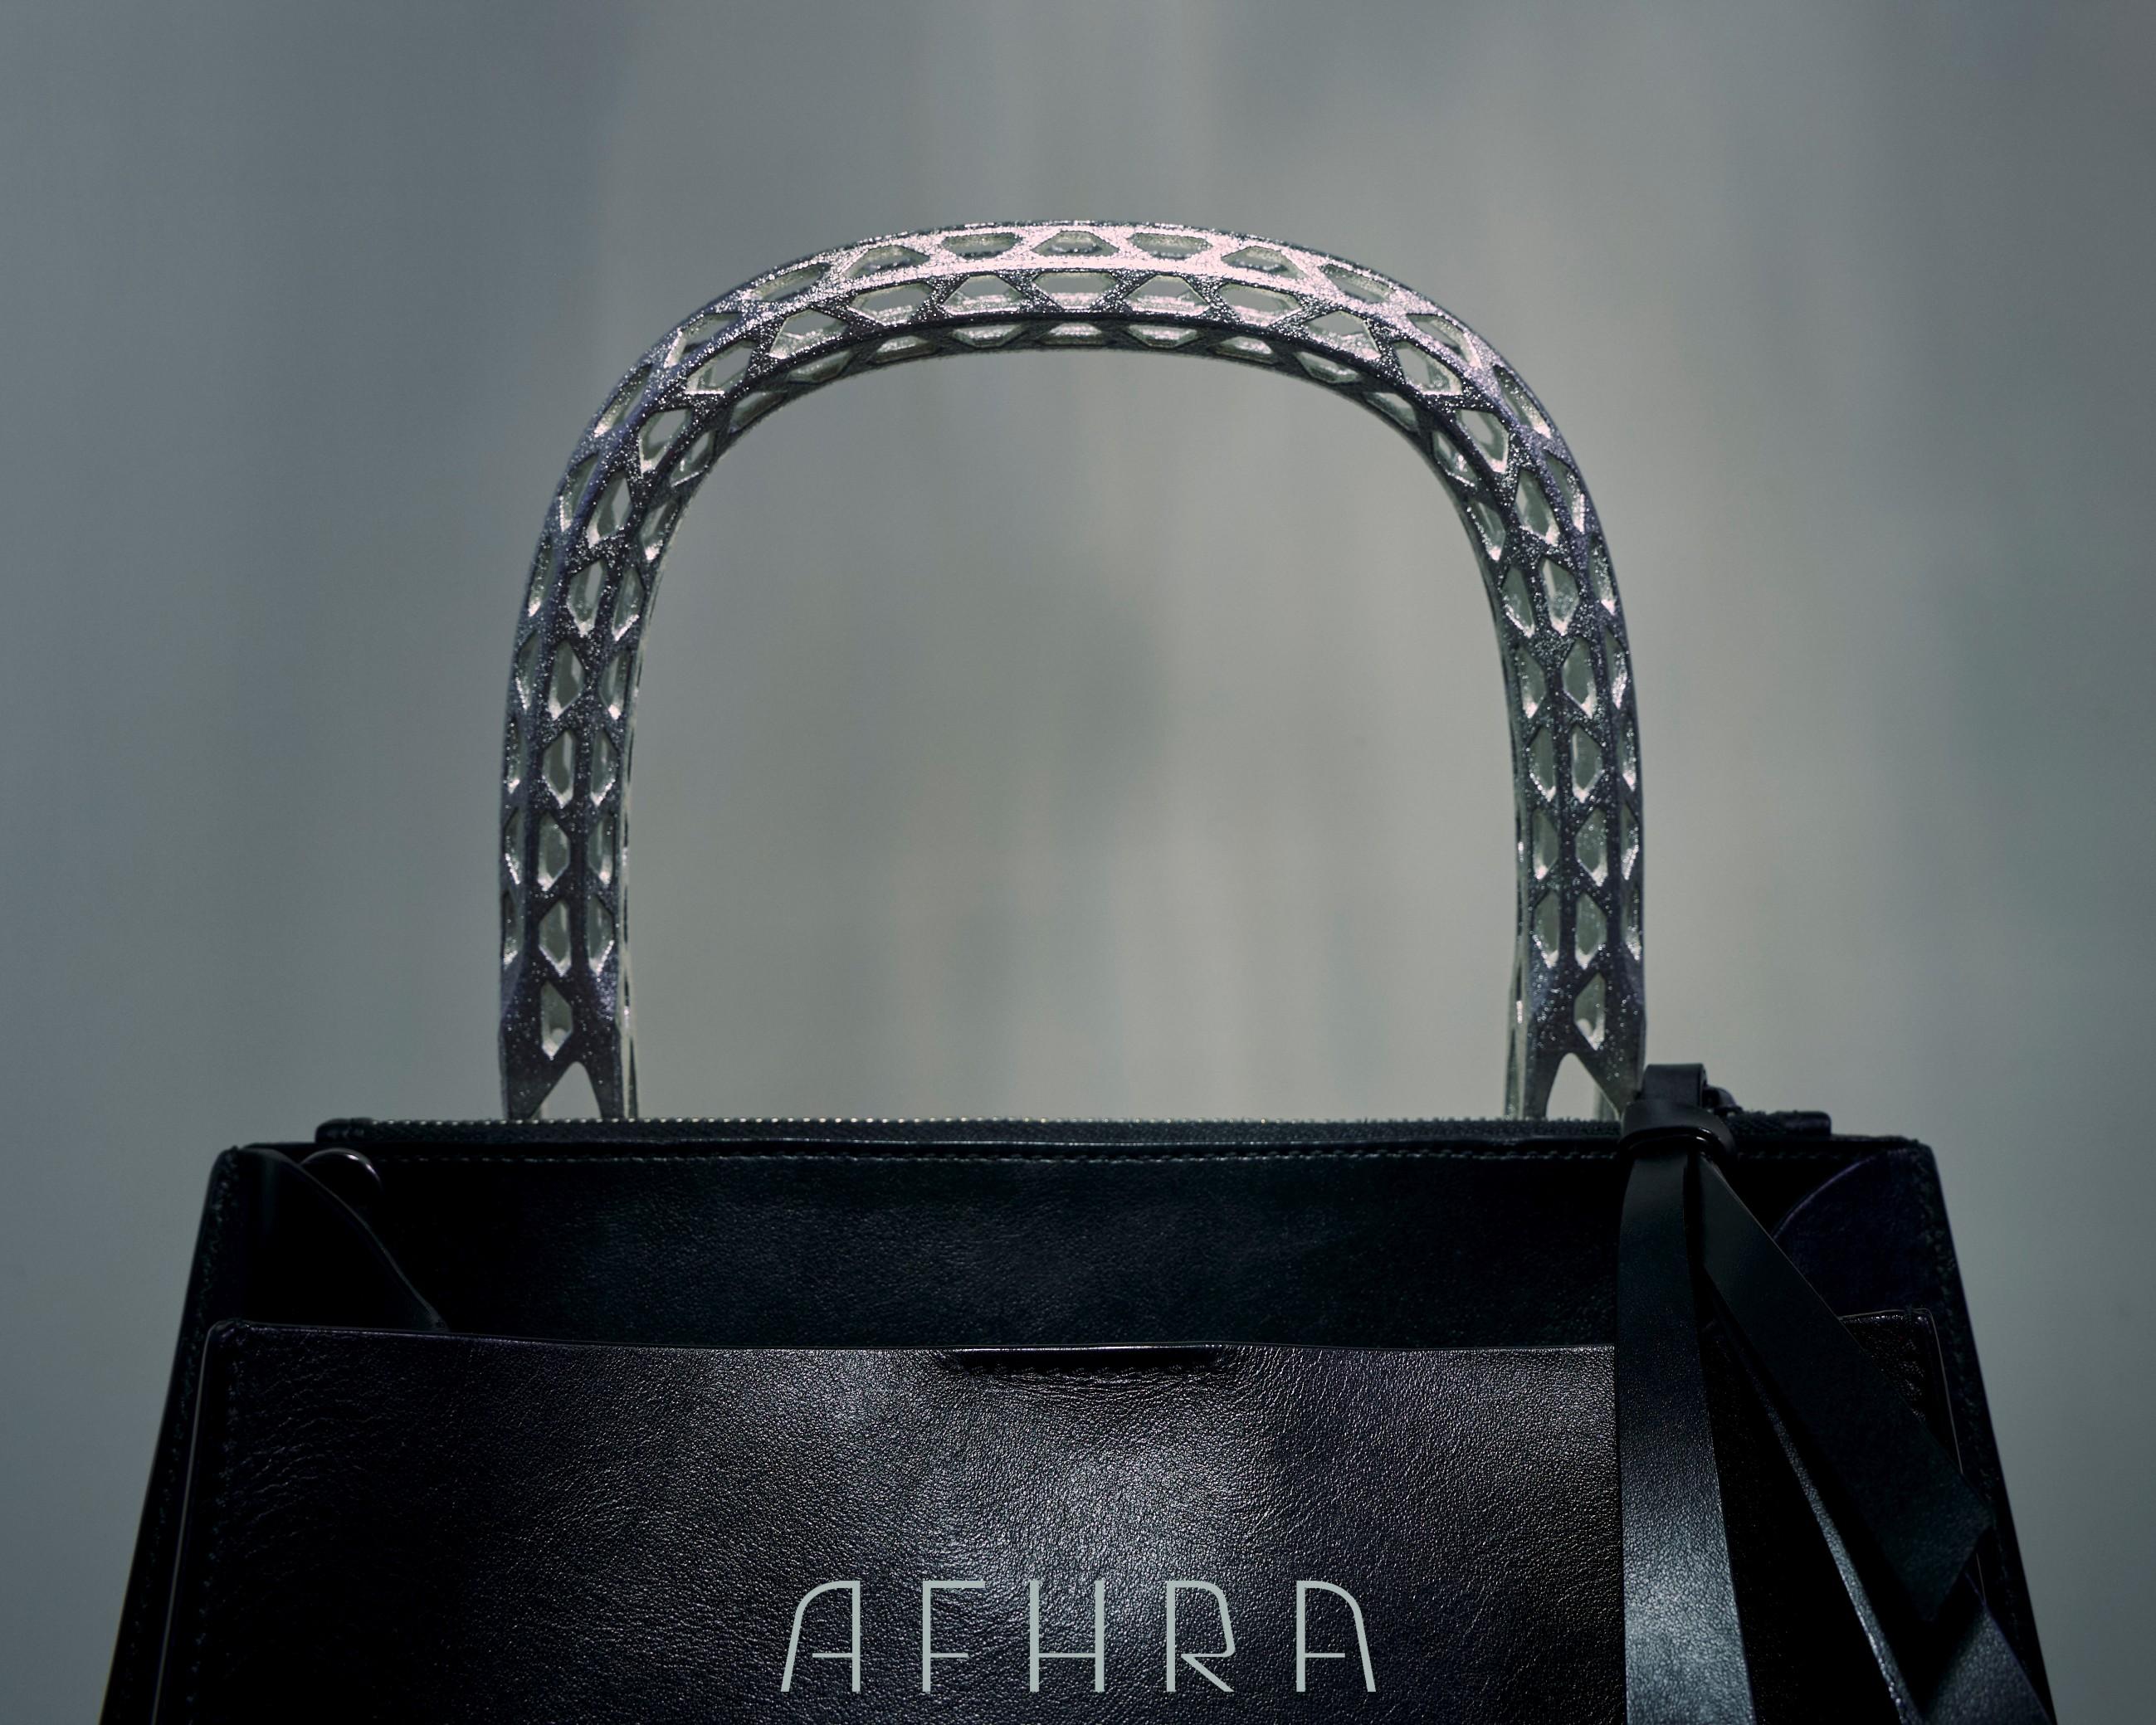 Afhra